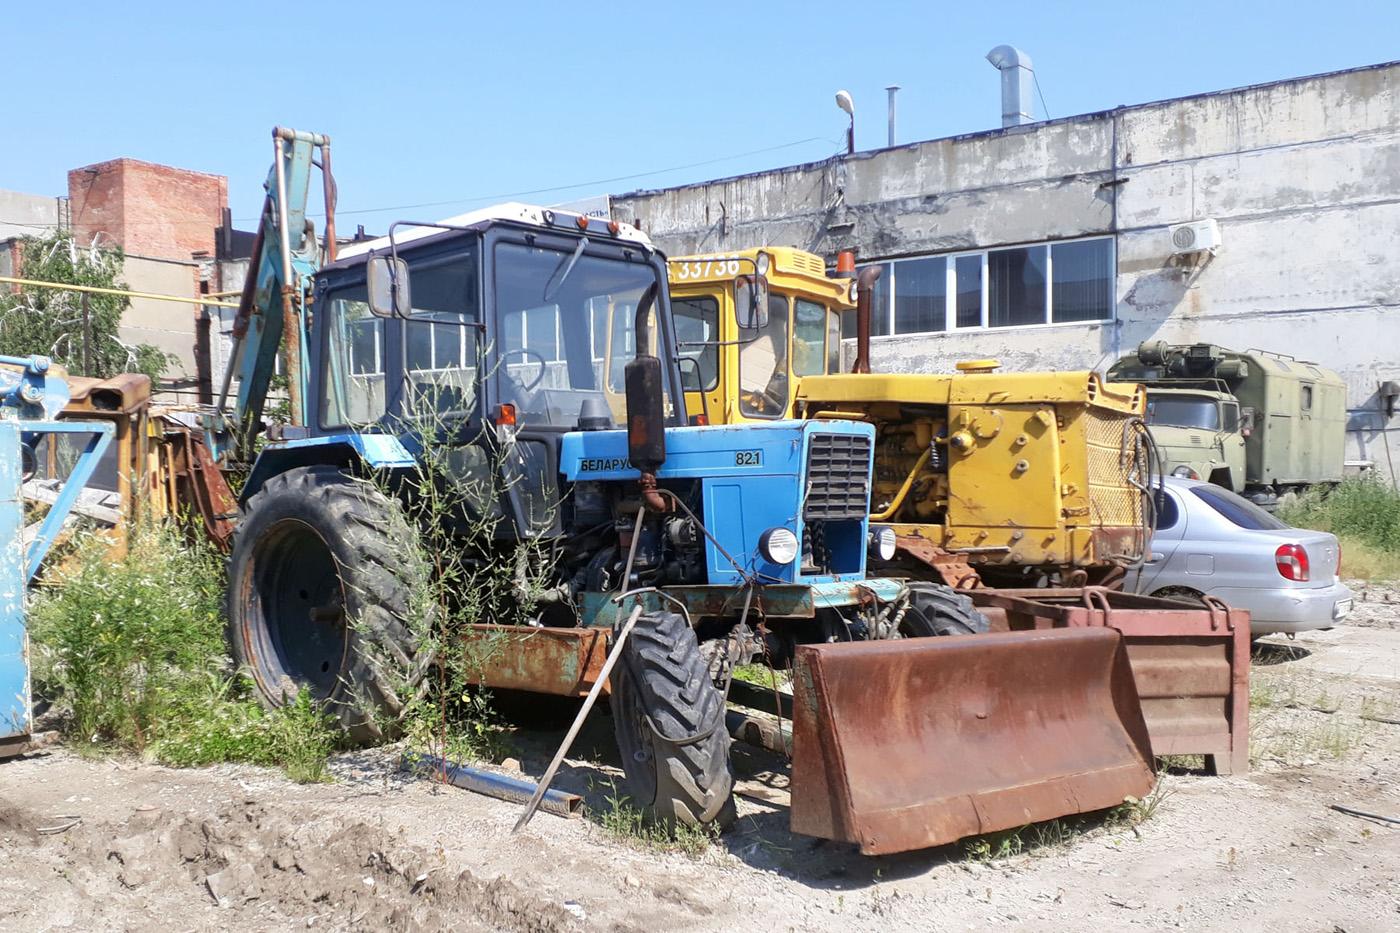 Экскаватор ЭО-2621 на базе трактора Беларус-82.1 (МТЗ-82.1). Тюмень, улица Чекистов